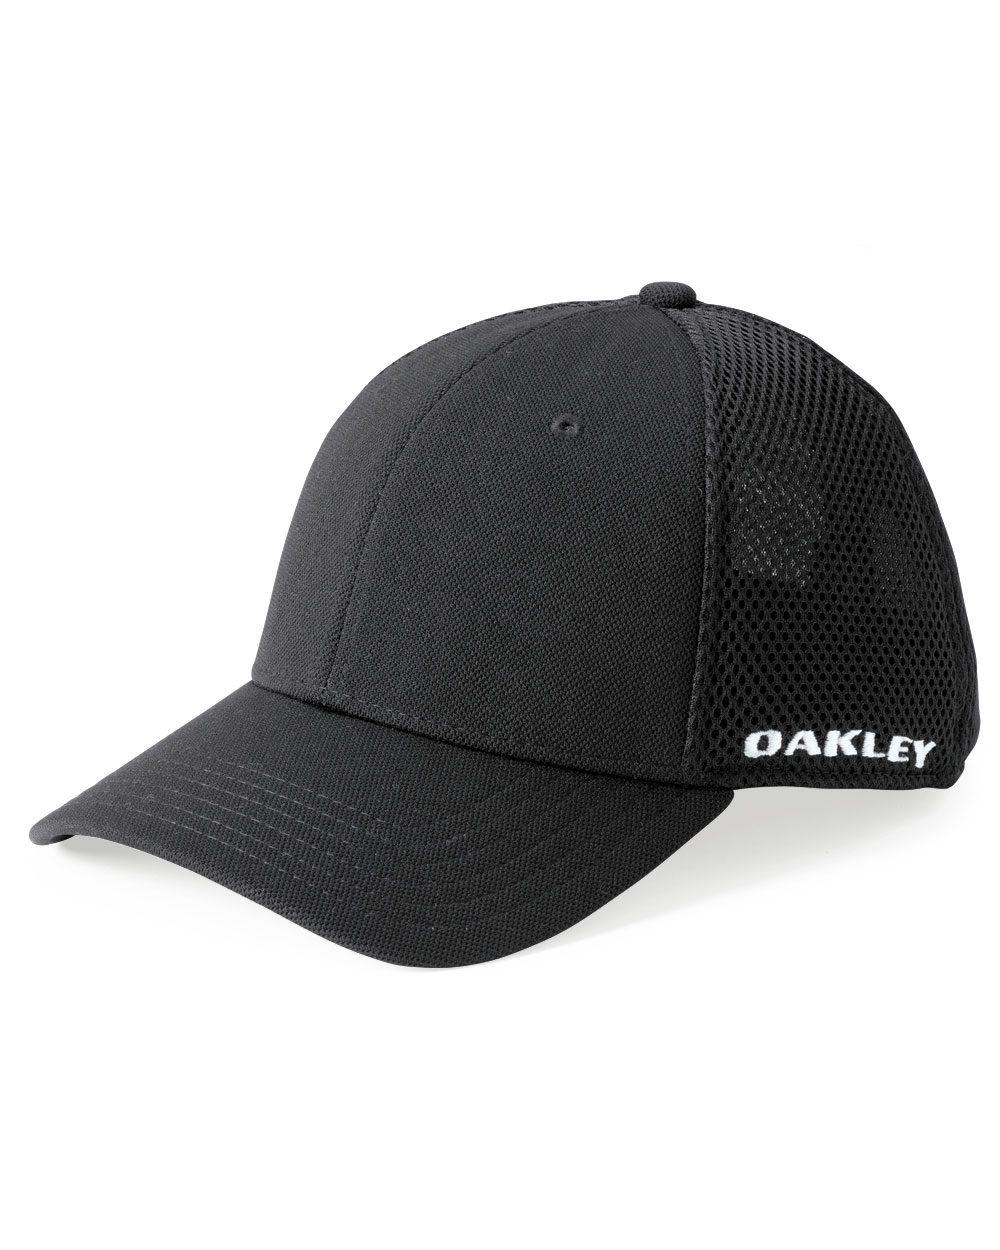 Oakley 91939 - Golf Cresting Driver Cap